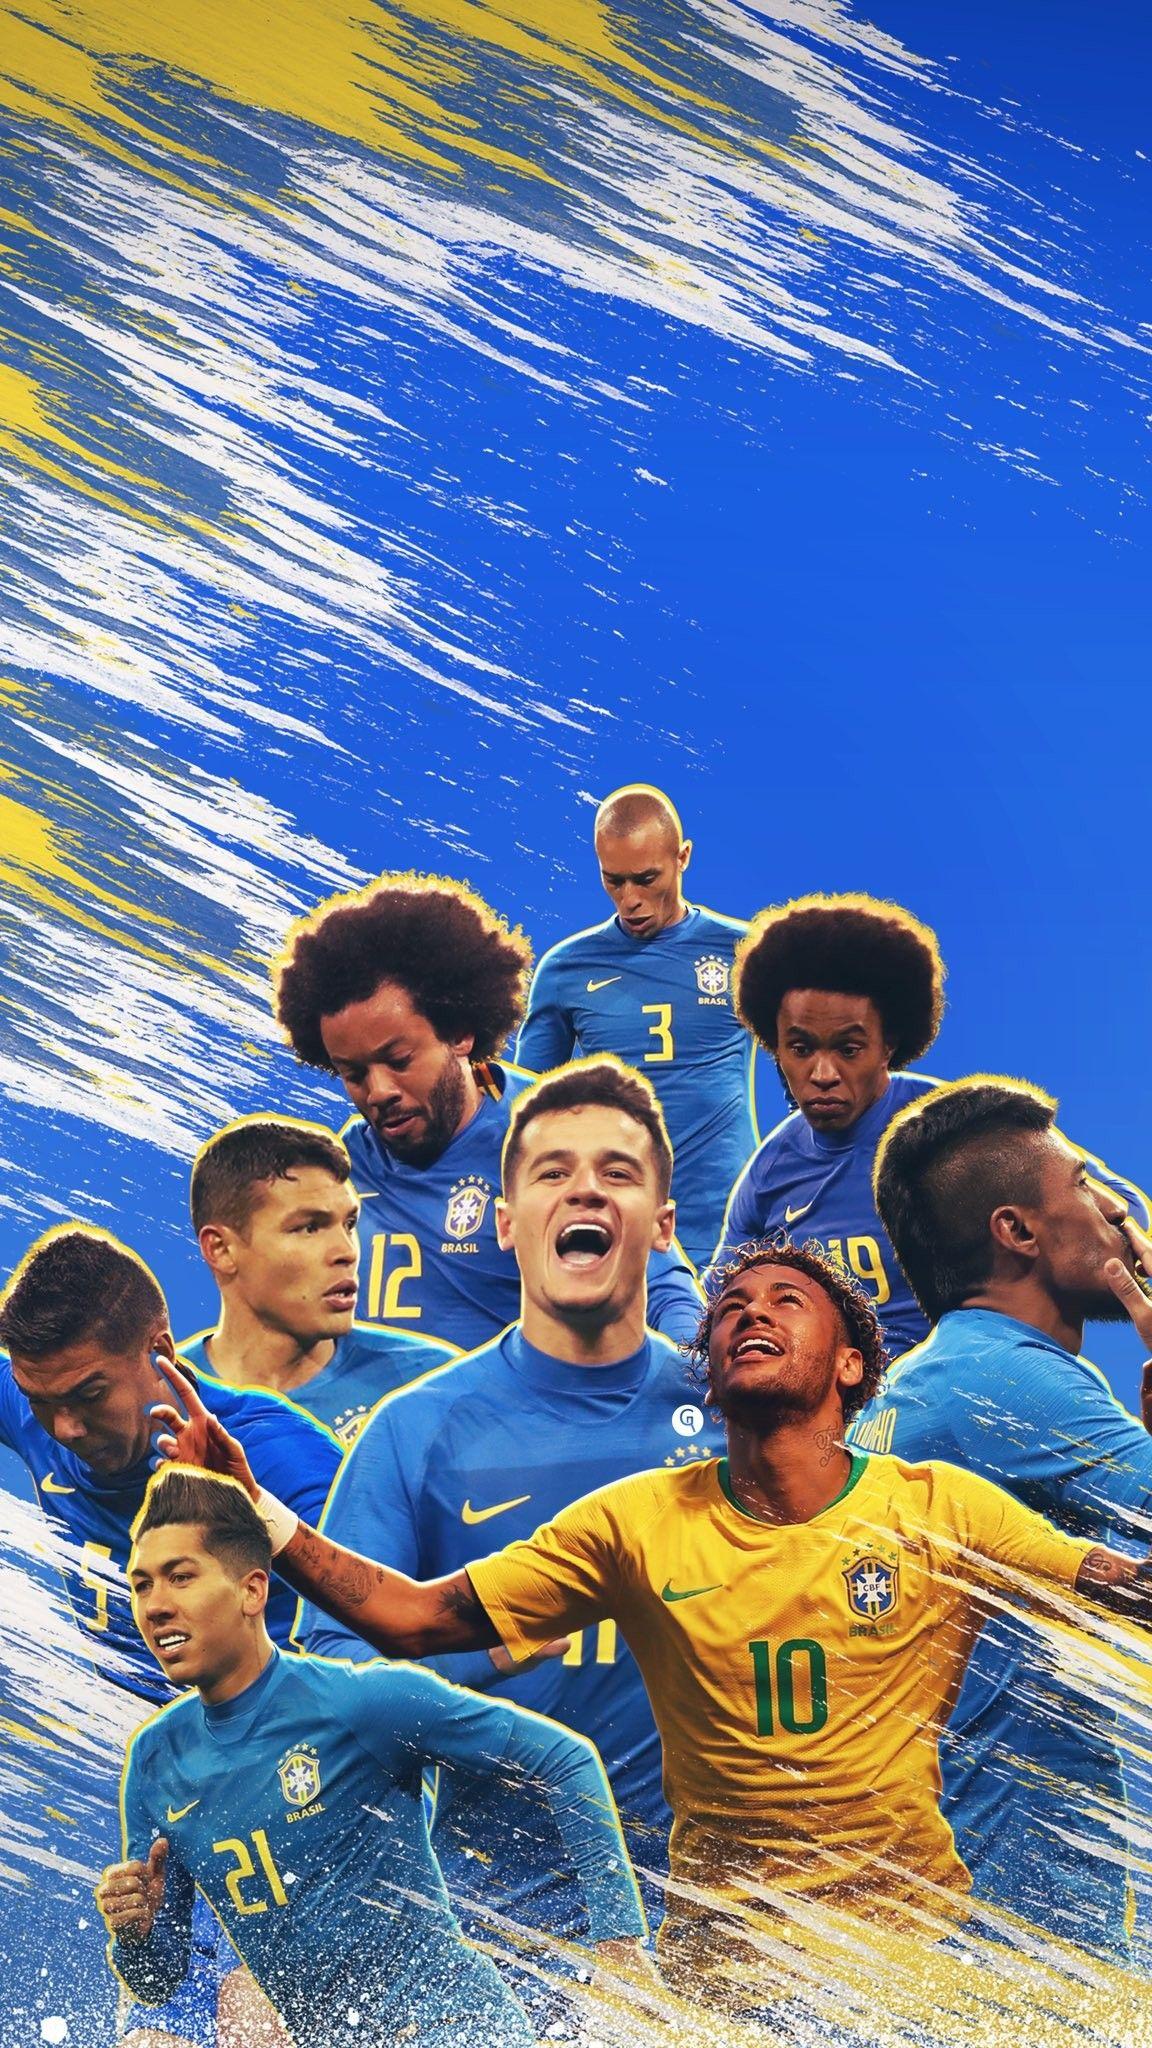 Pin De Leonardo Lemek Em Screenshots Seleção Brasileira De Futebol Seleção Brasileira Selecção Brasileira